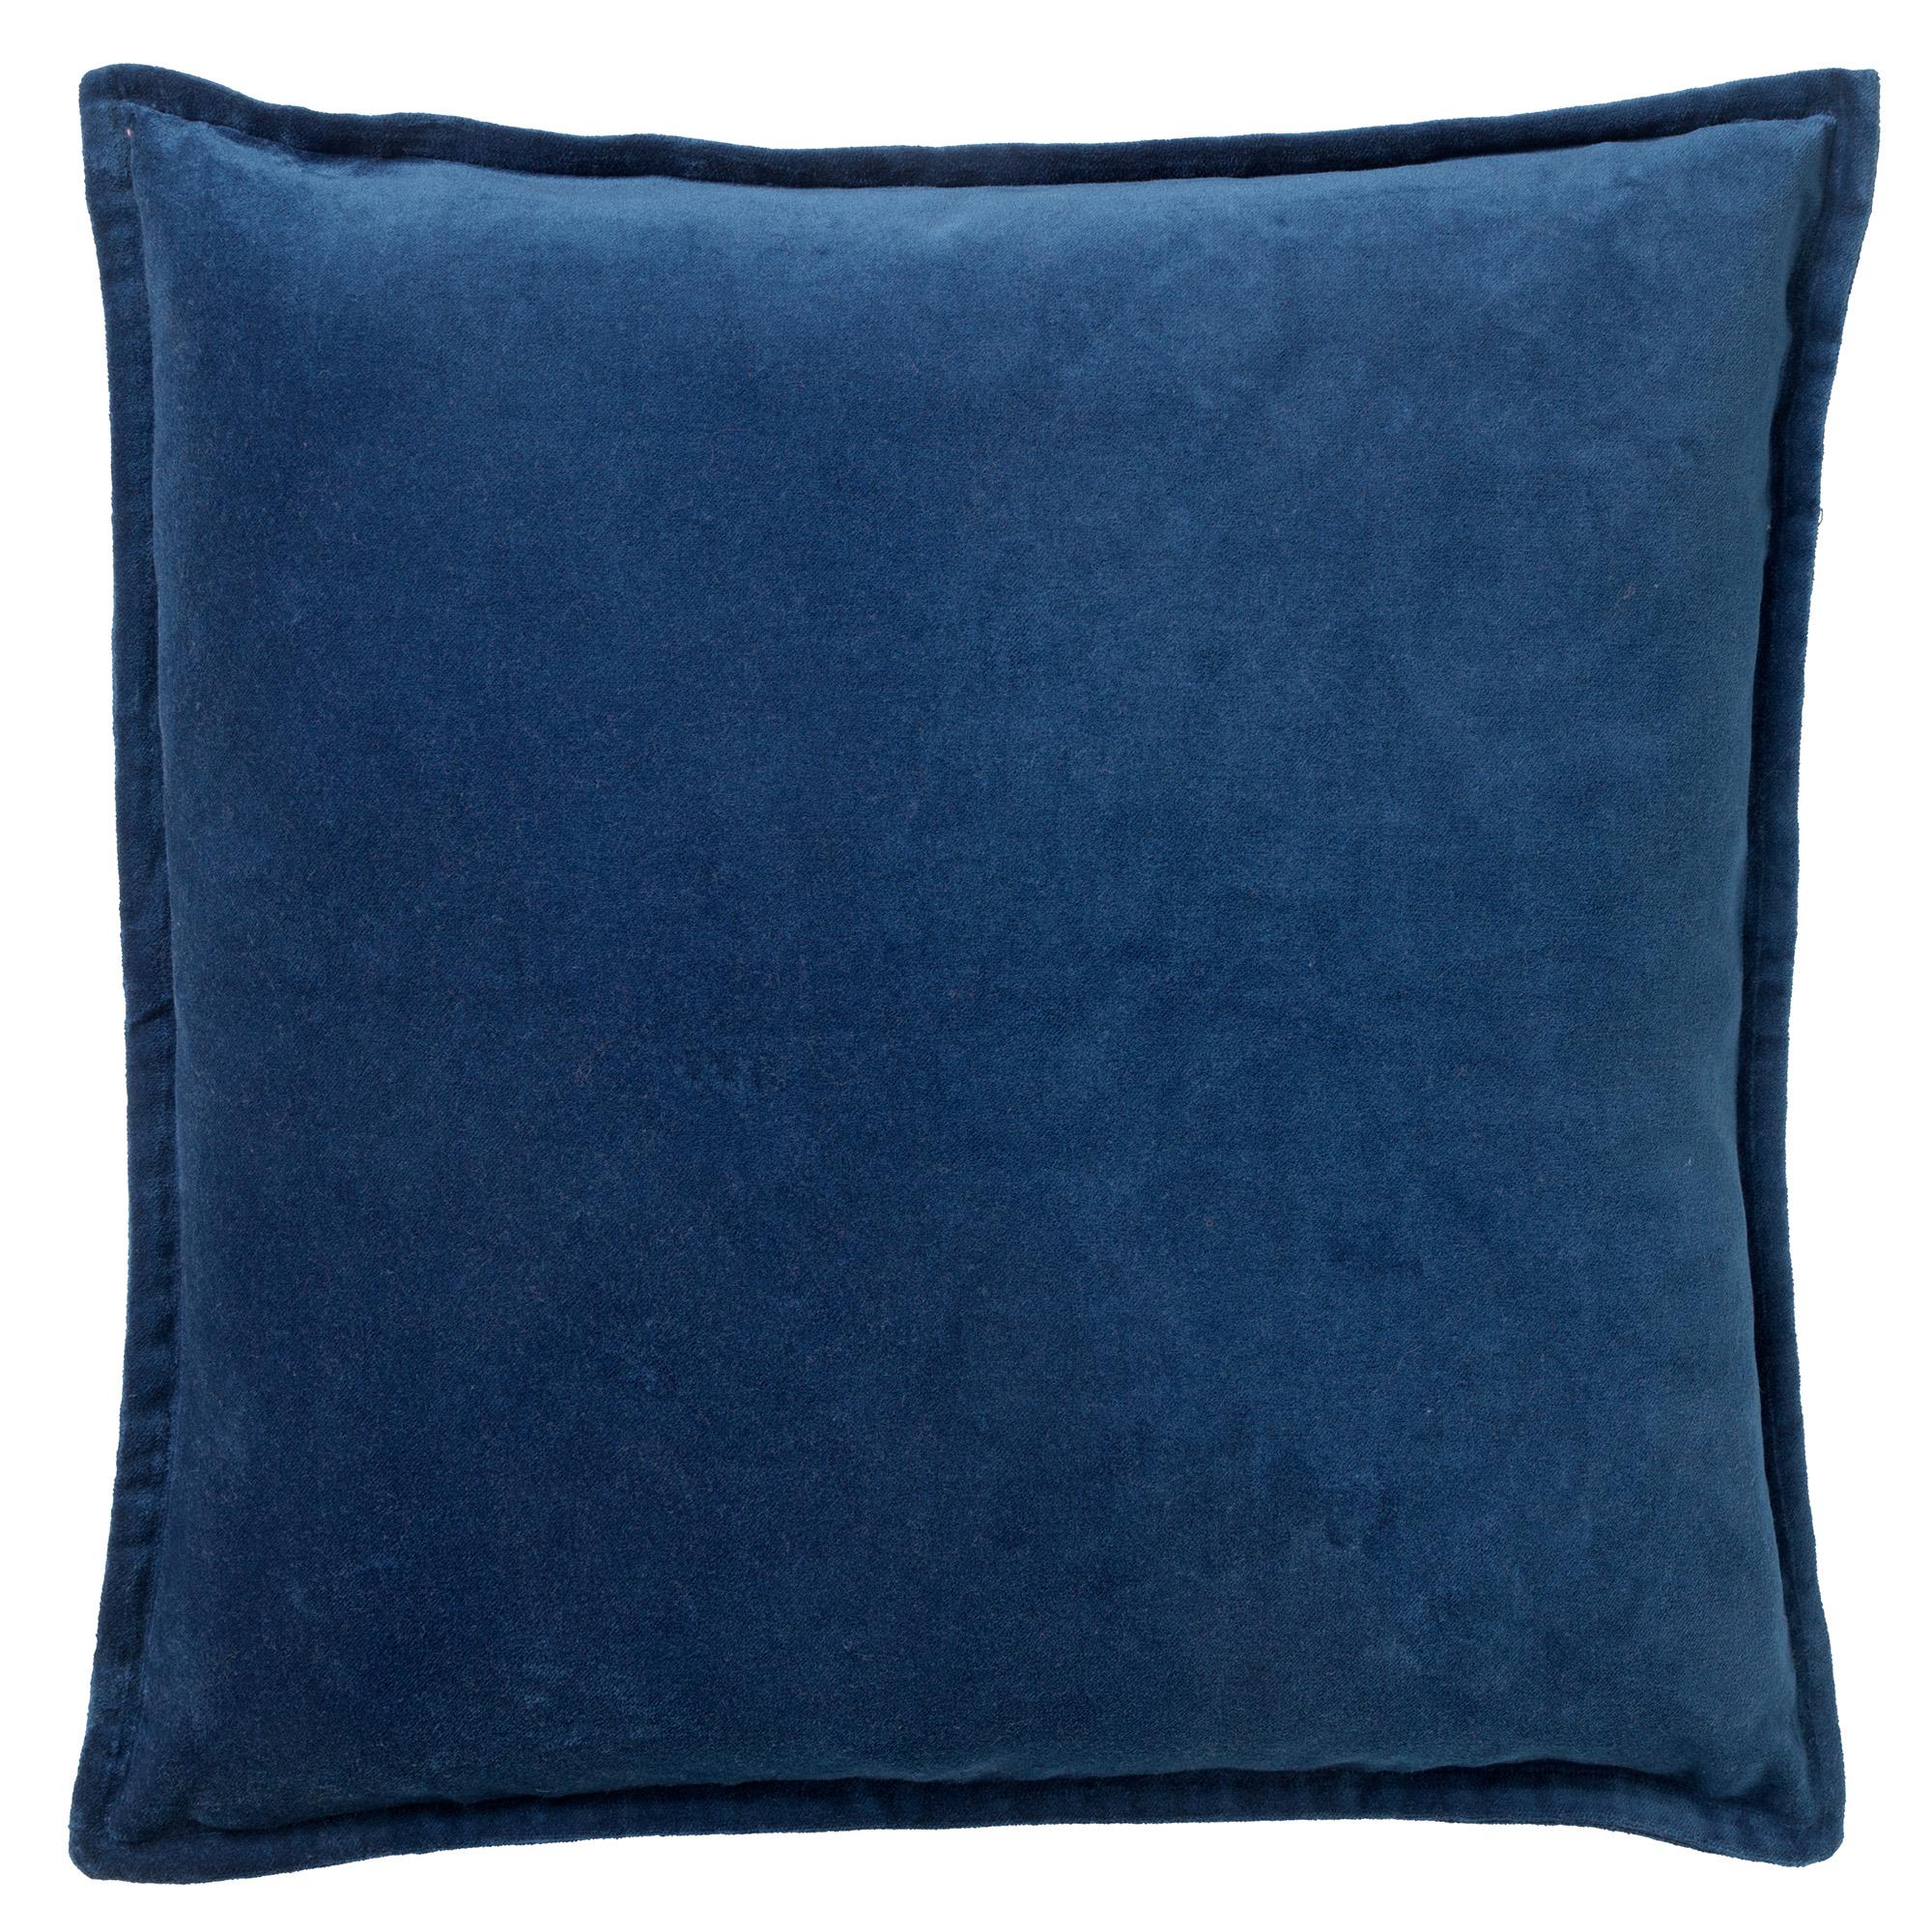 CAITH - Sierkussen velvet Insignia Blue 50x50 cm